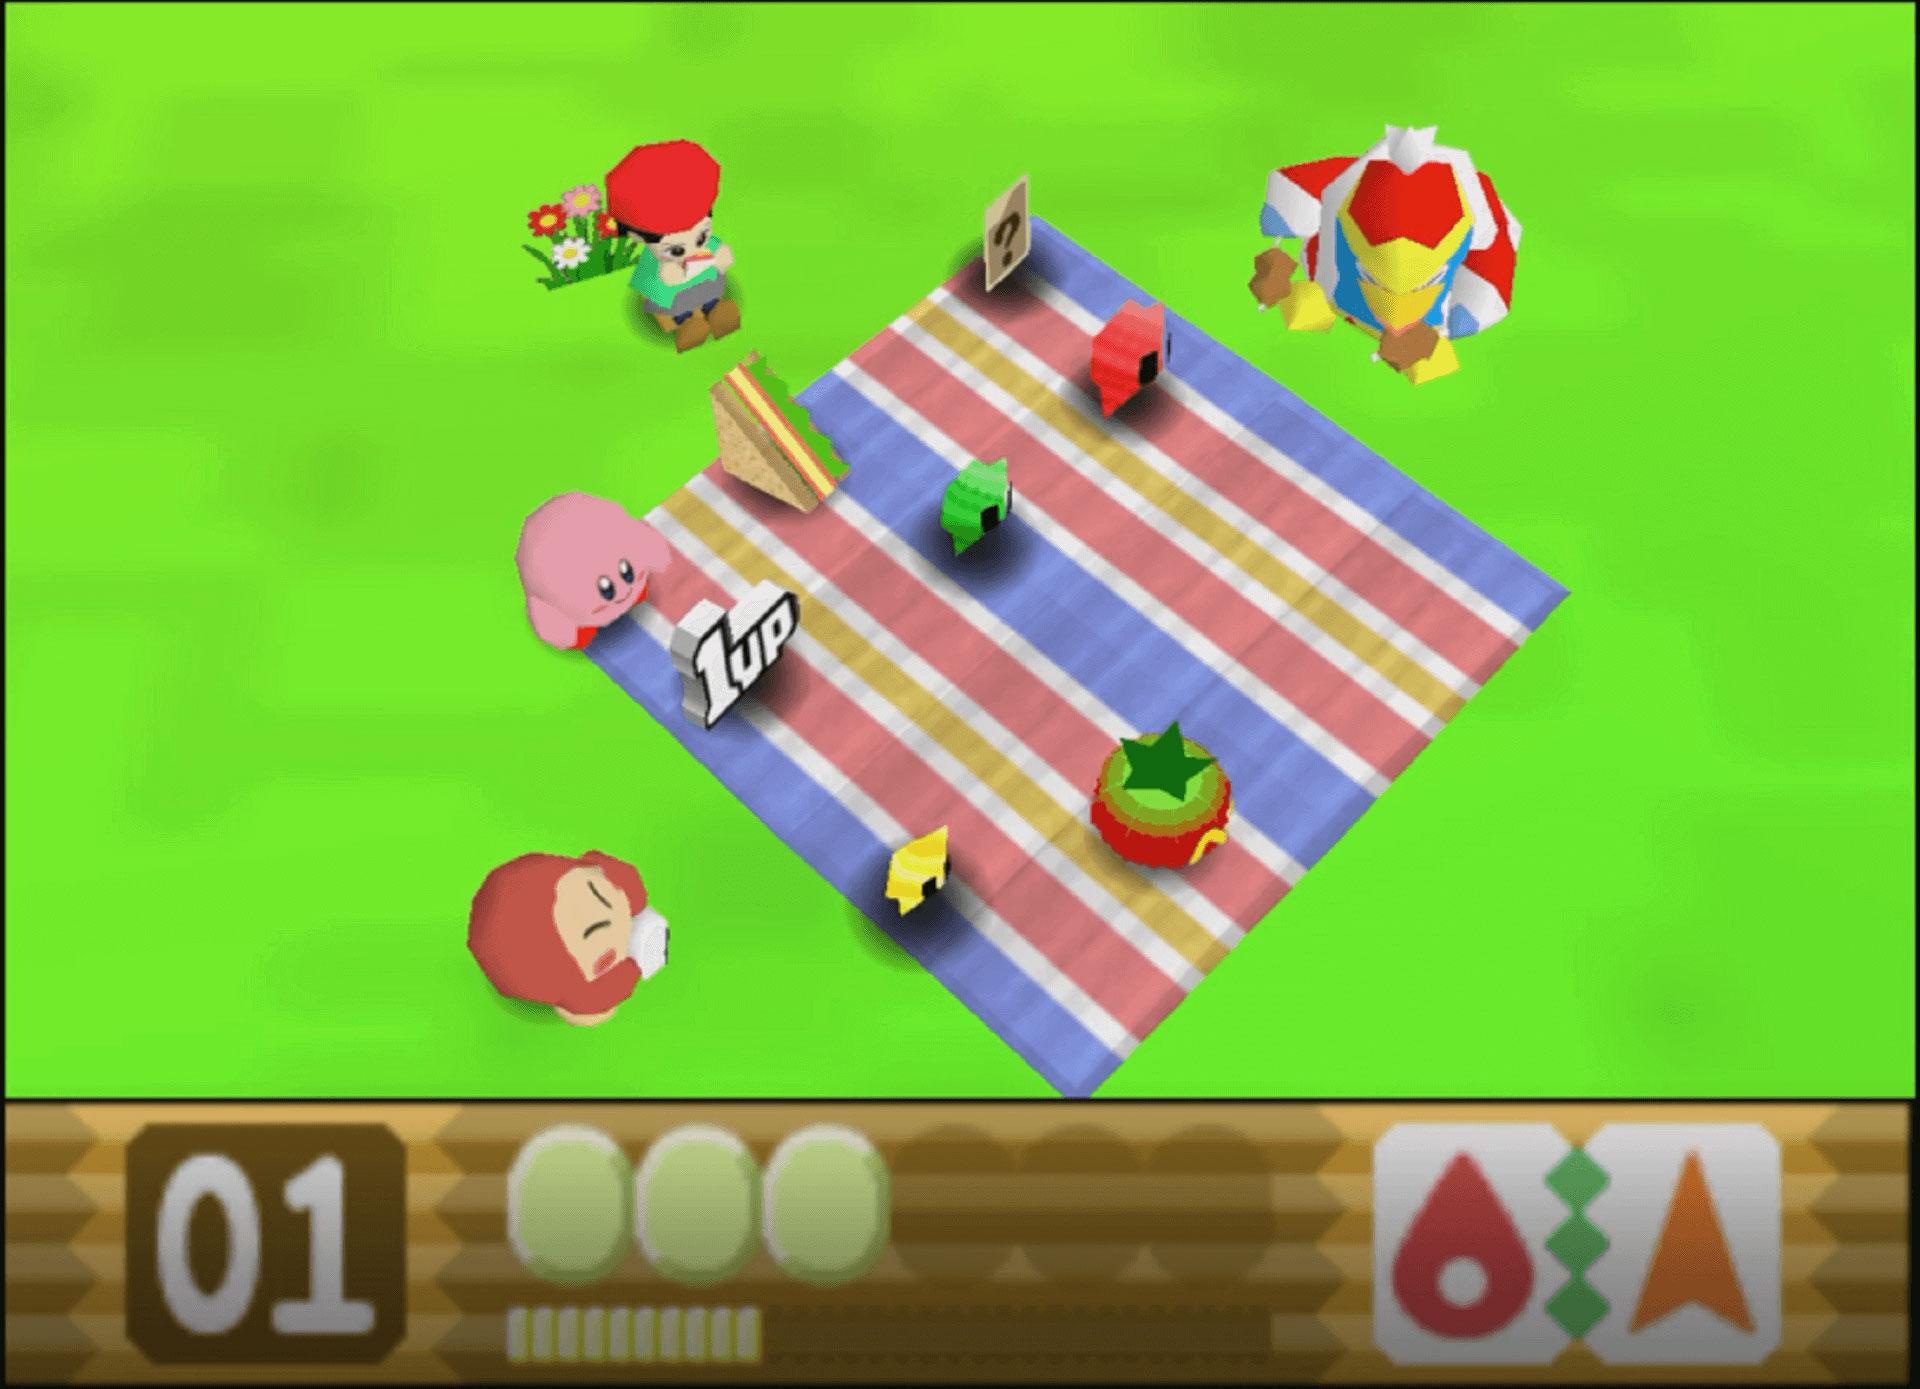 Kirby mit seinen Freunden nachdem ein Level geschafft wurde beim Picknick